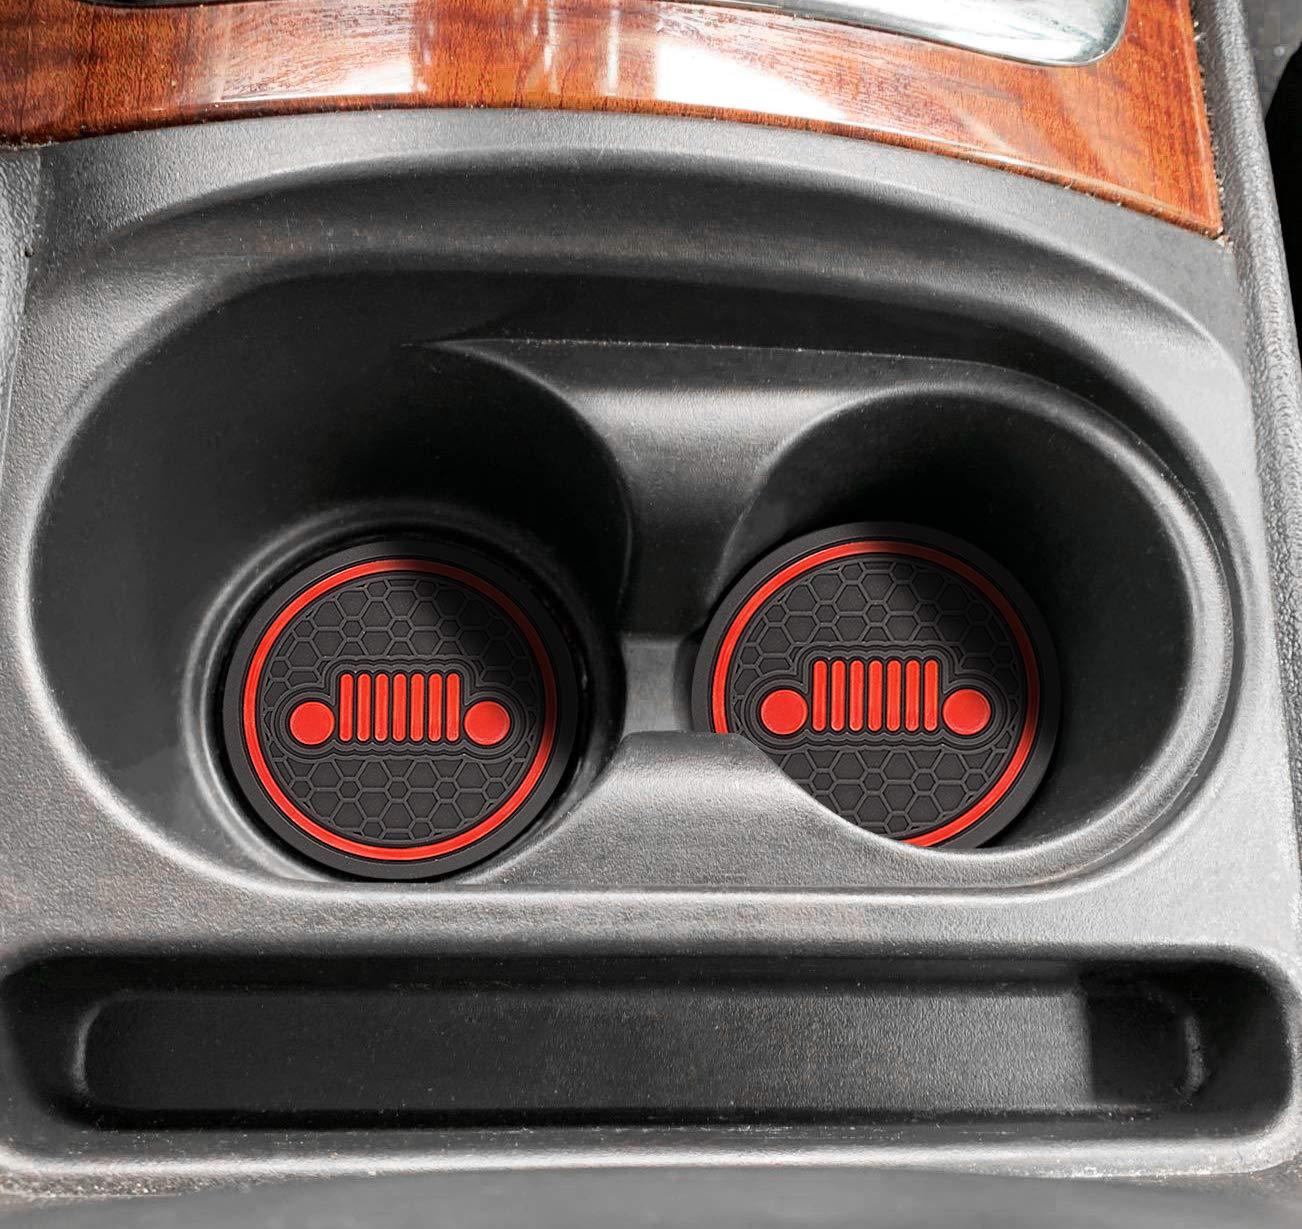 MLING 2,75 Pouces Diam/ètre Voiture Anti Poussi/ère Coupe Holder Tapis Antid/érapante Compatible pour Compass 4 Pi/èces Orange, Mod/èle-2